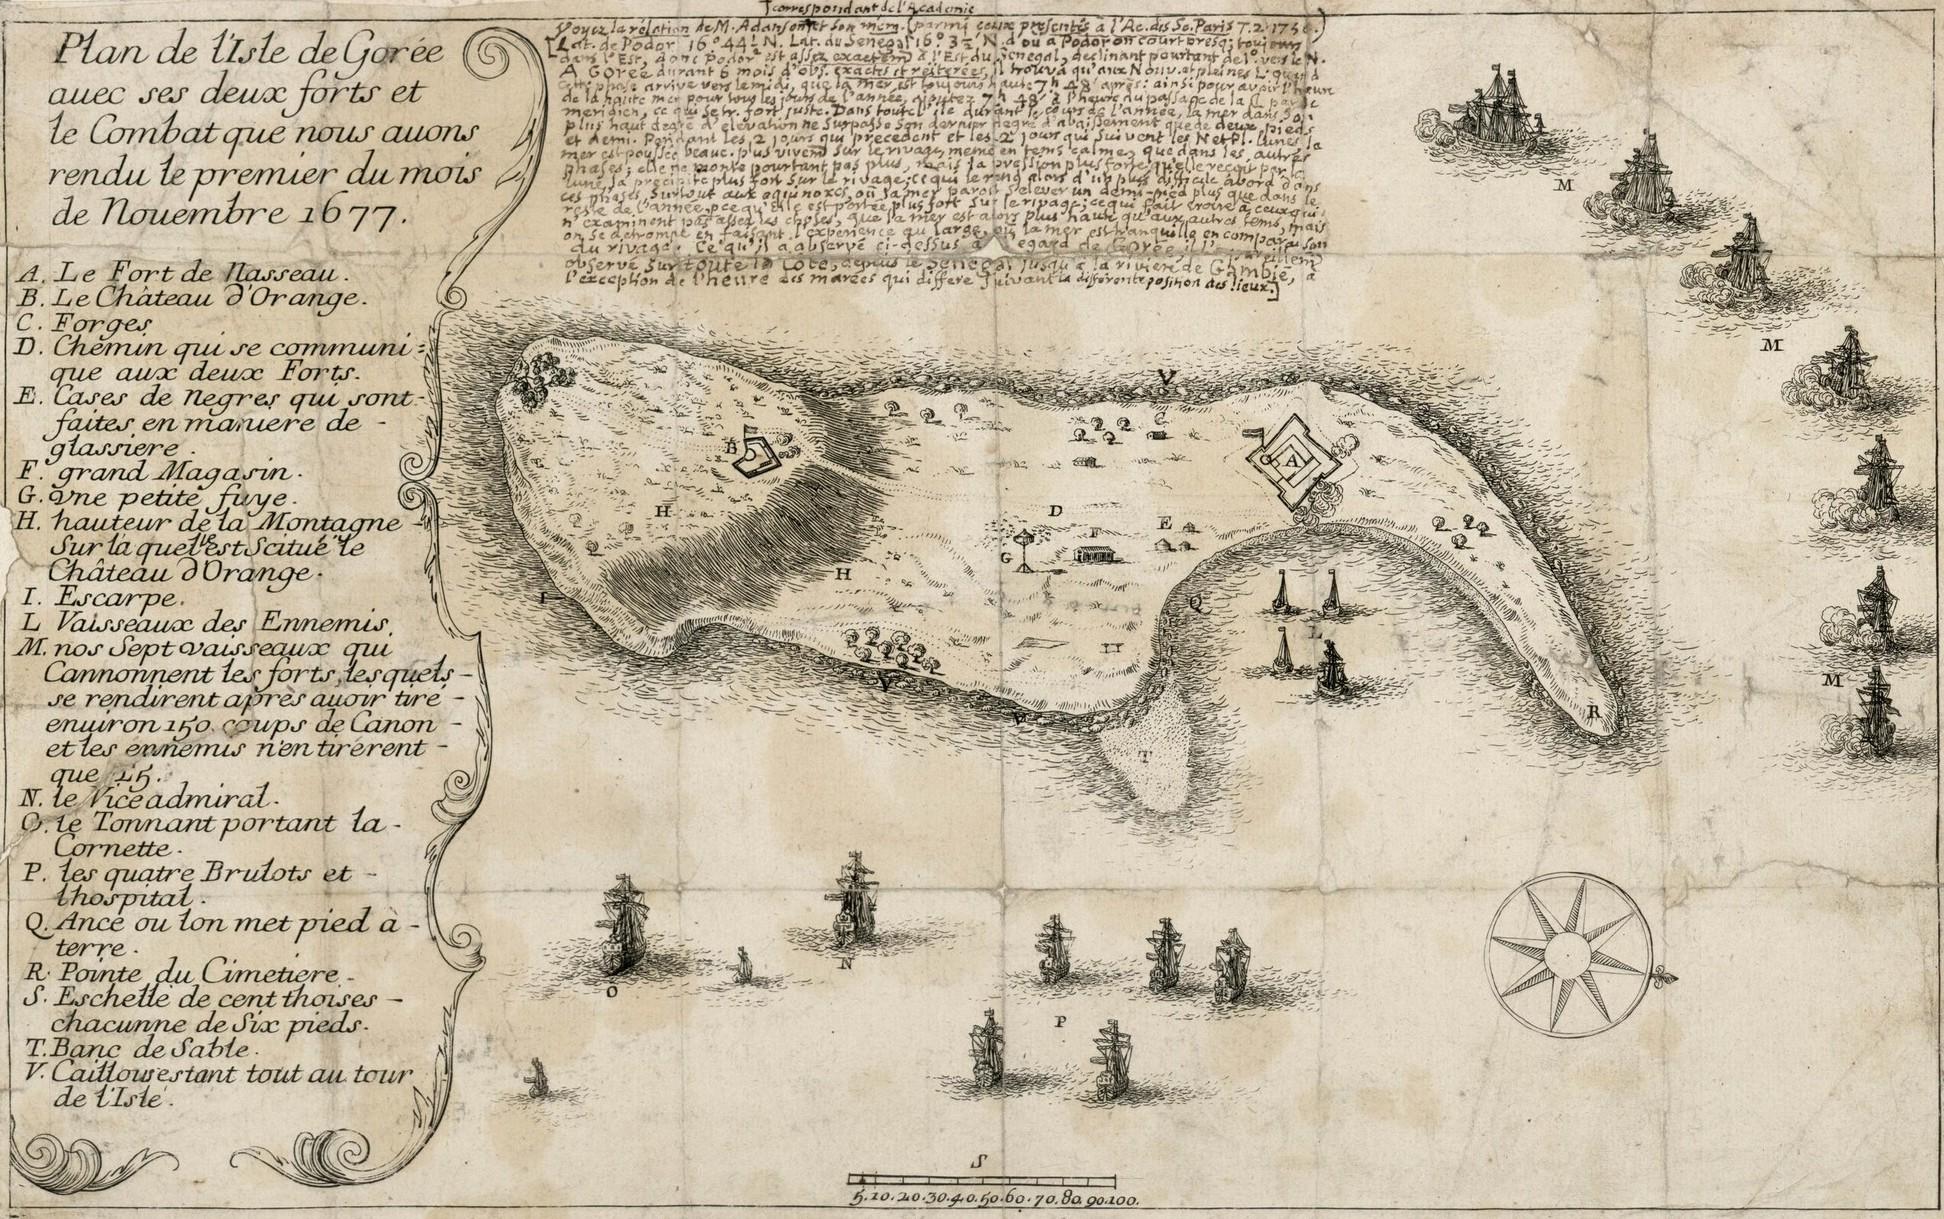 File:Plan du combat de l'île de Gorée en 1677.jpg